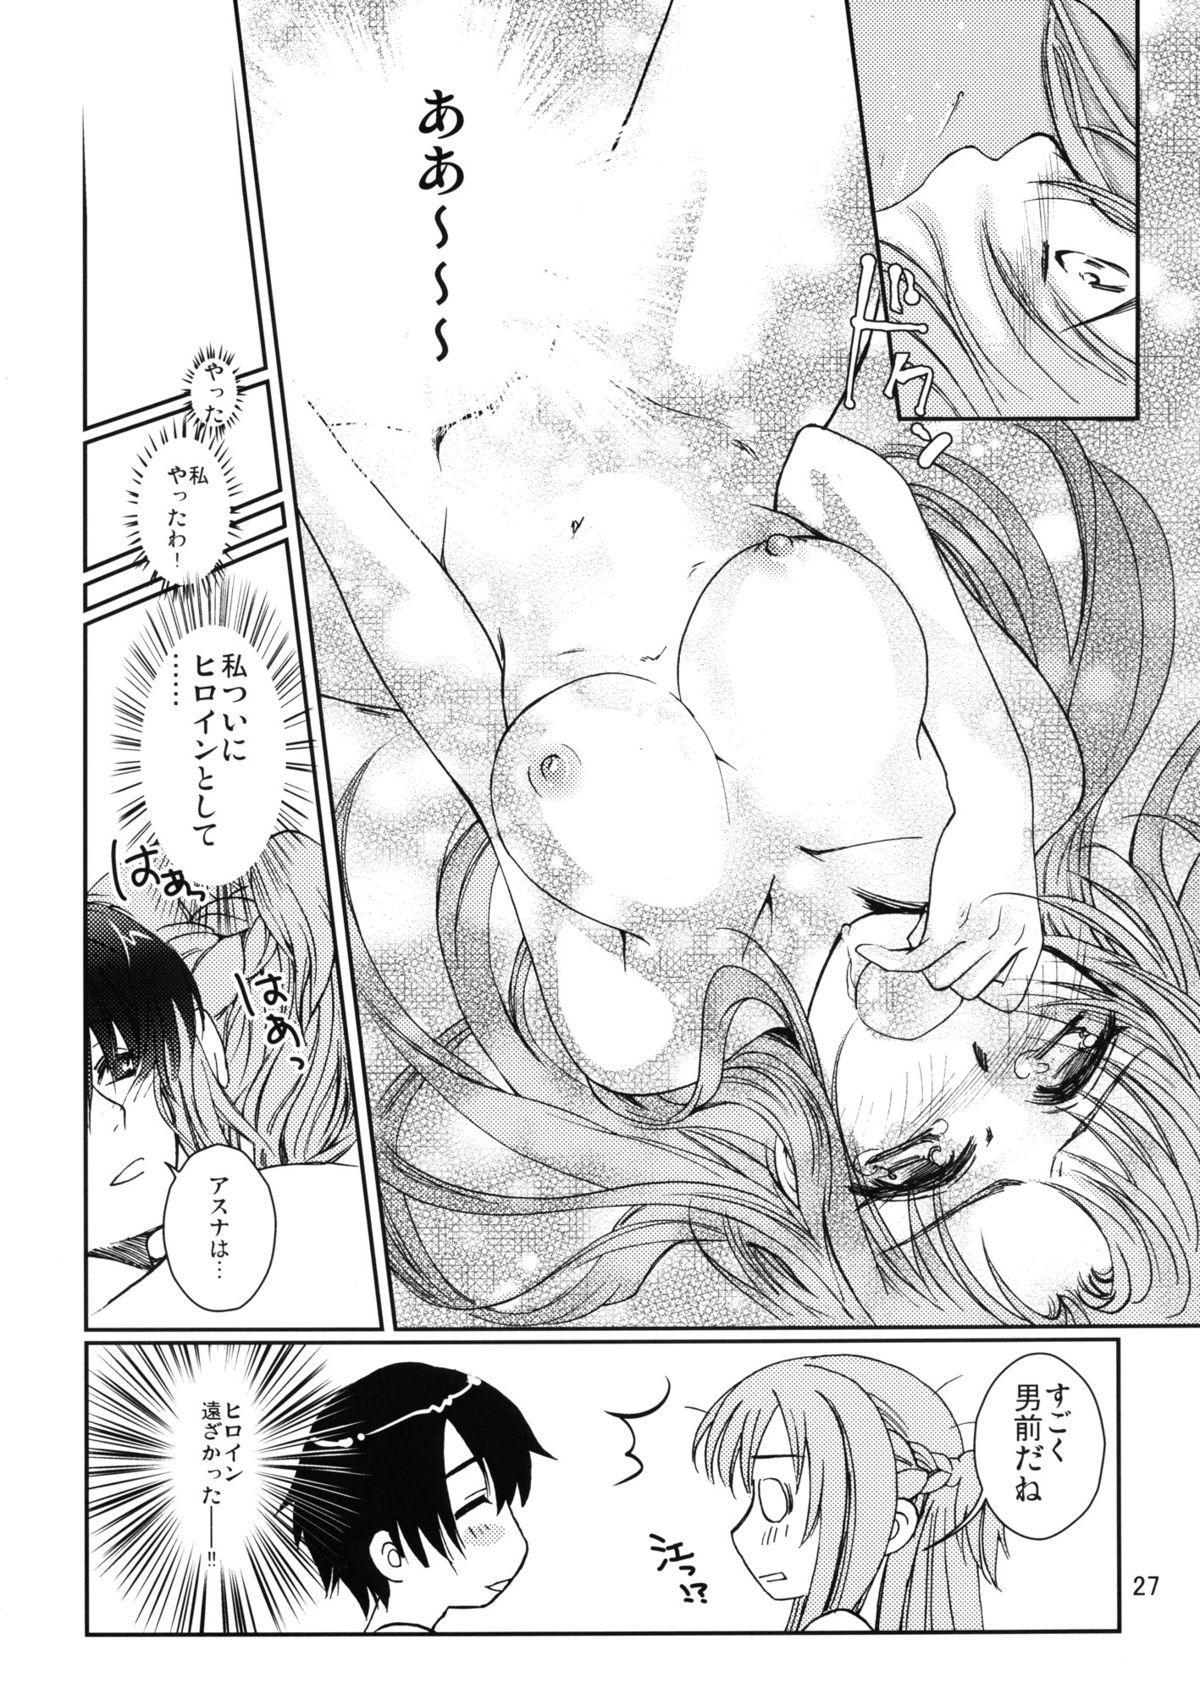 Toraware no Kokoro 26